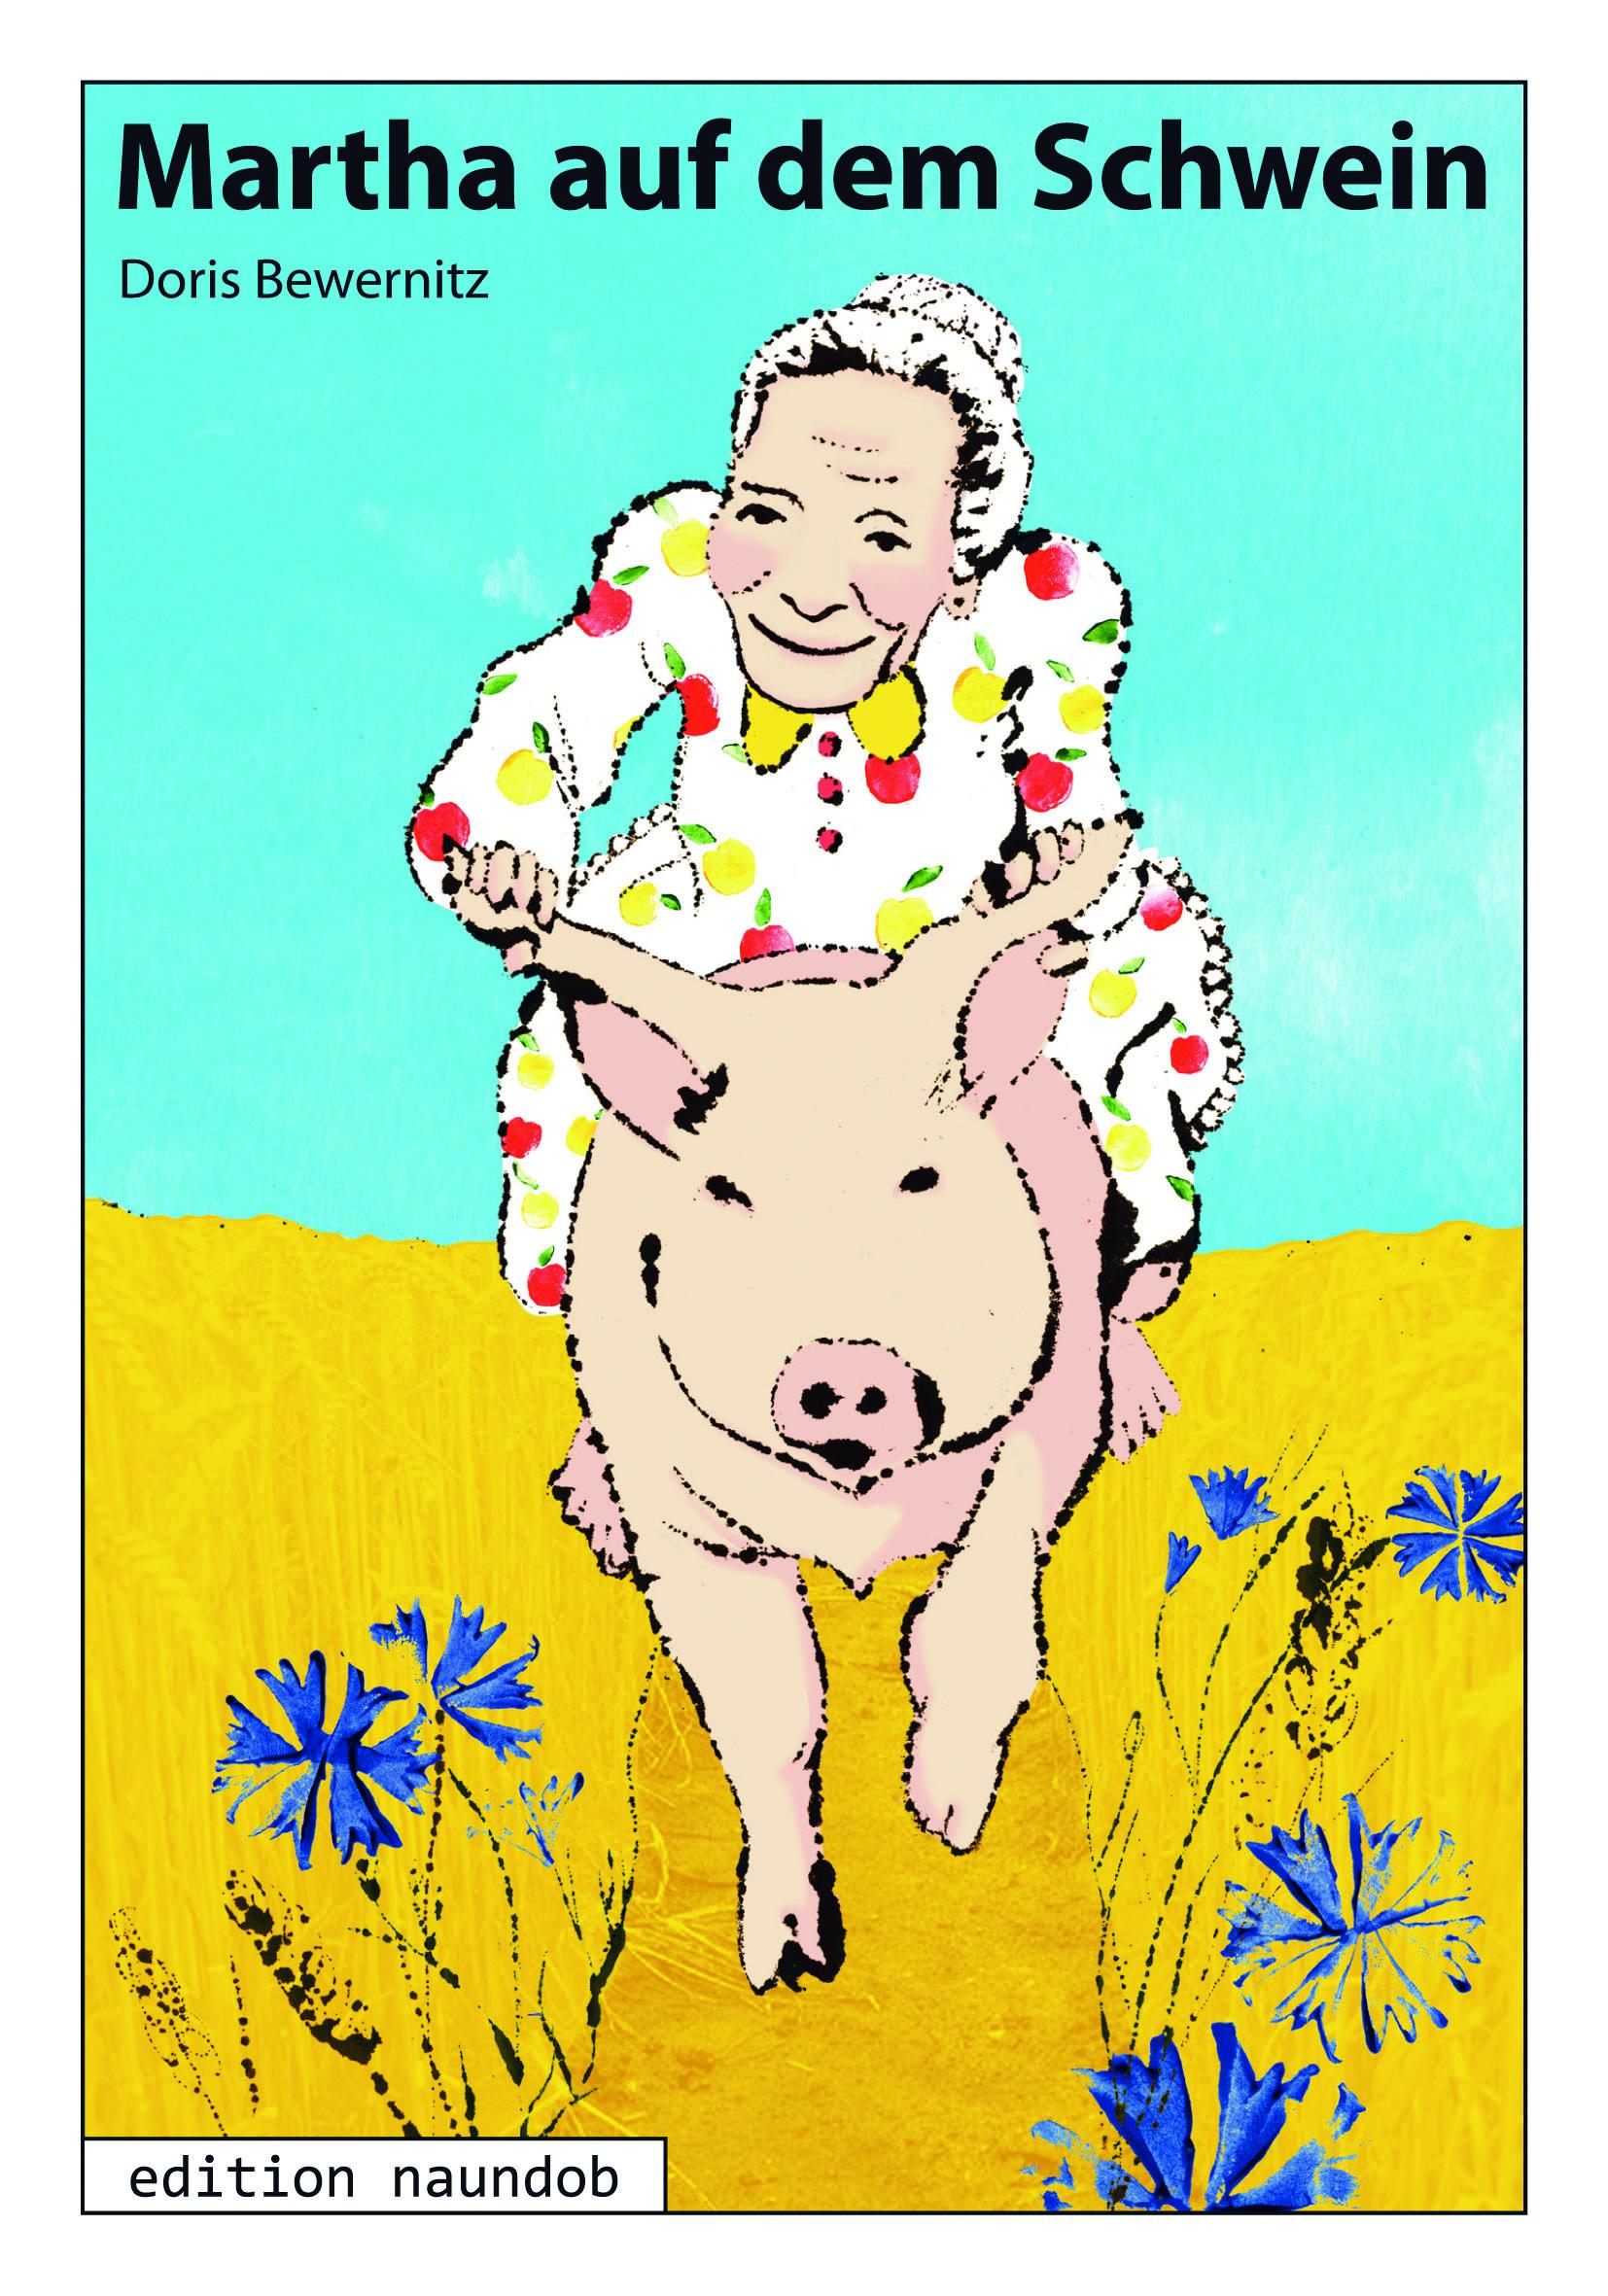 Martha auf dem Schwein